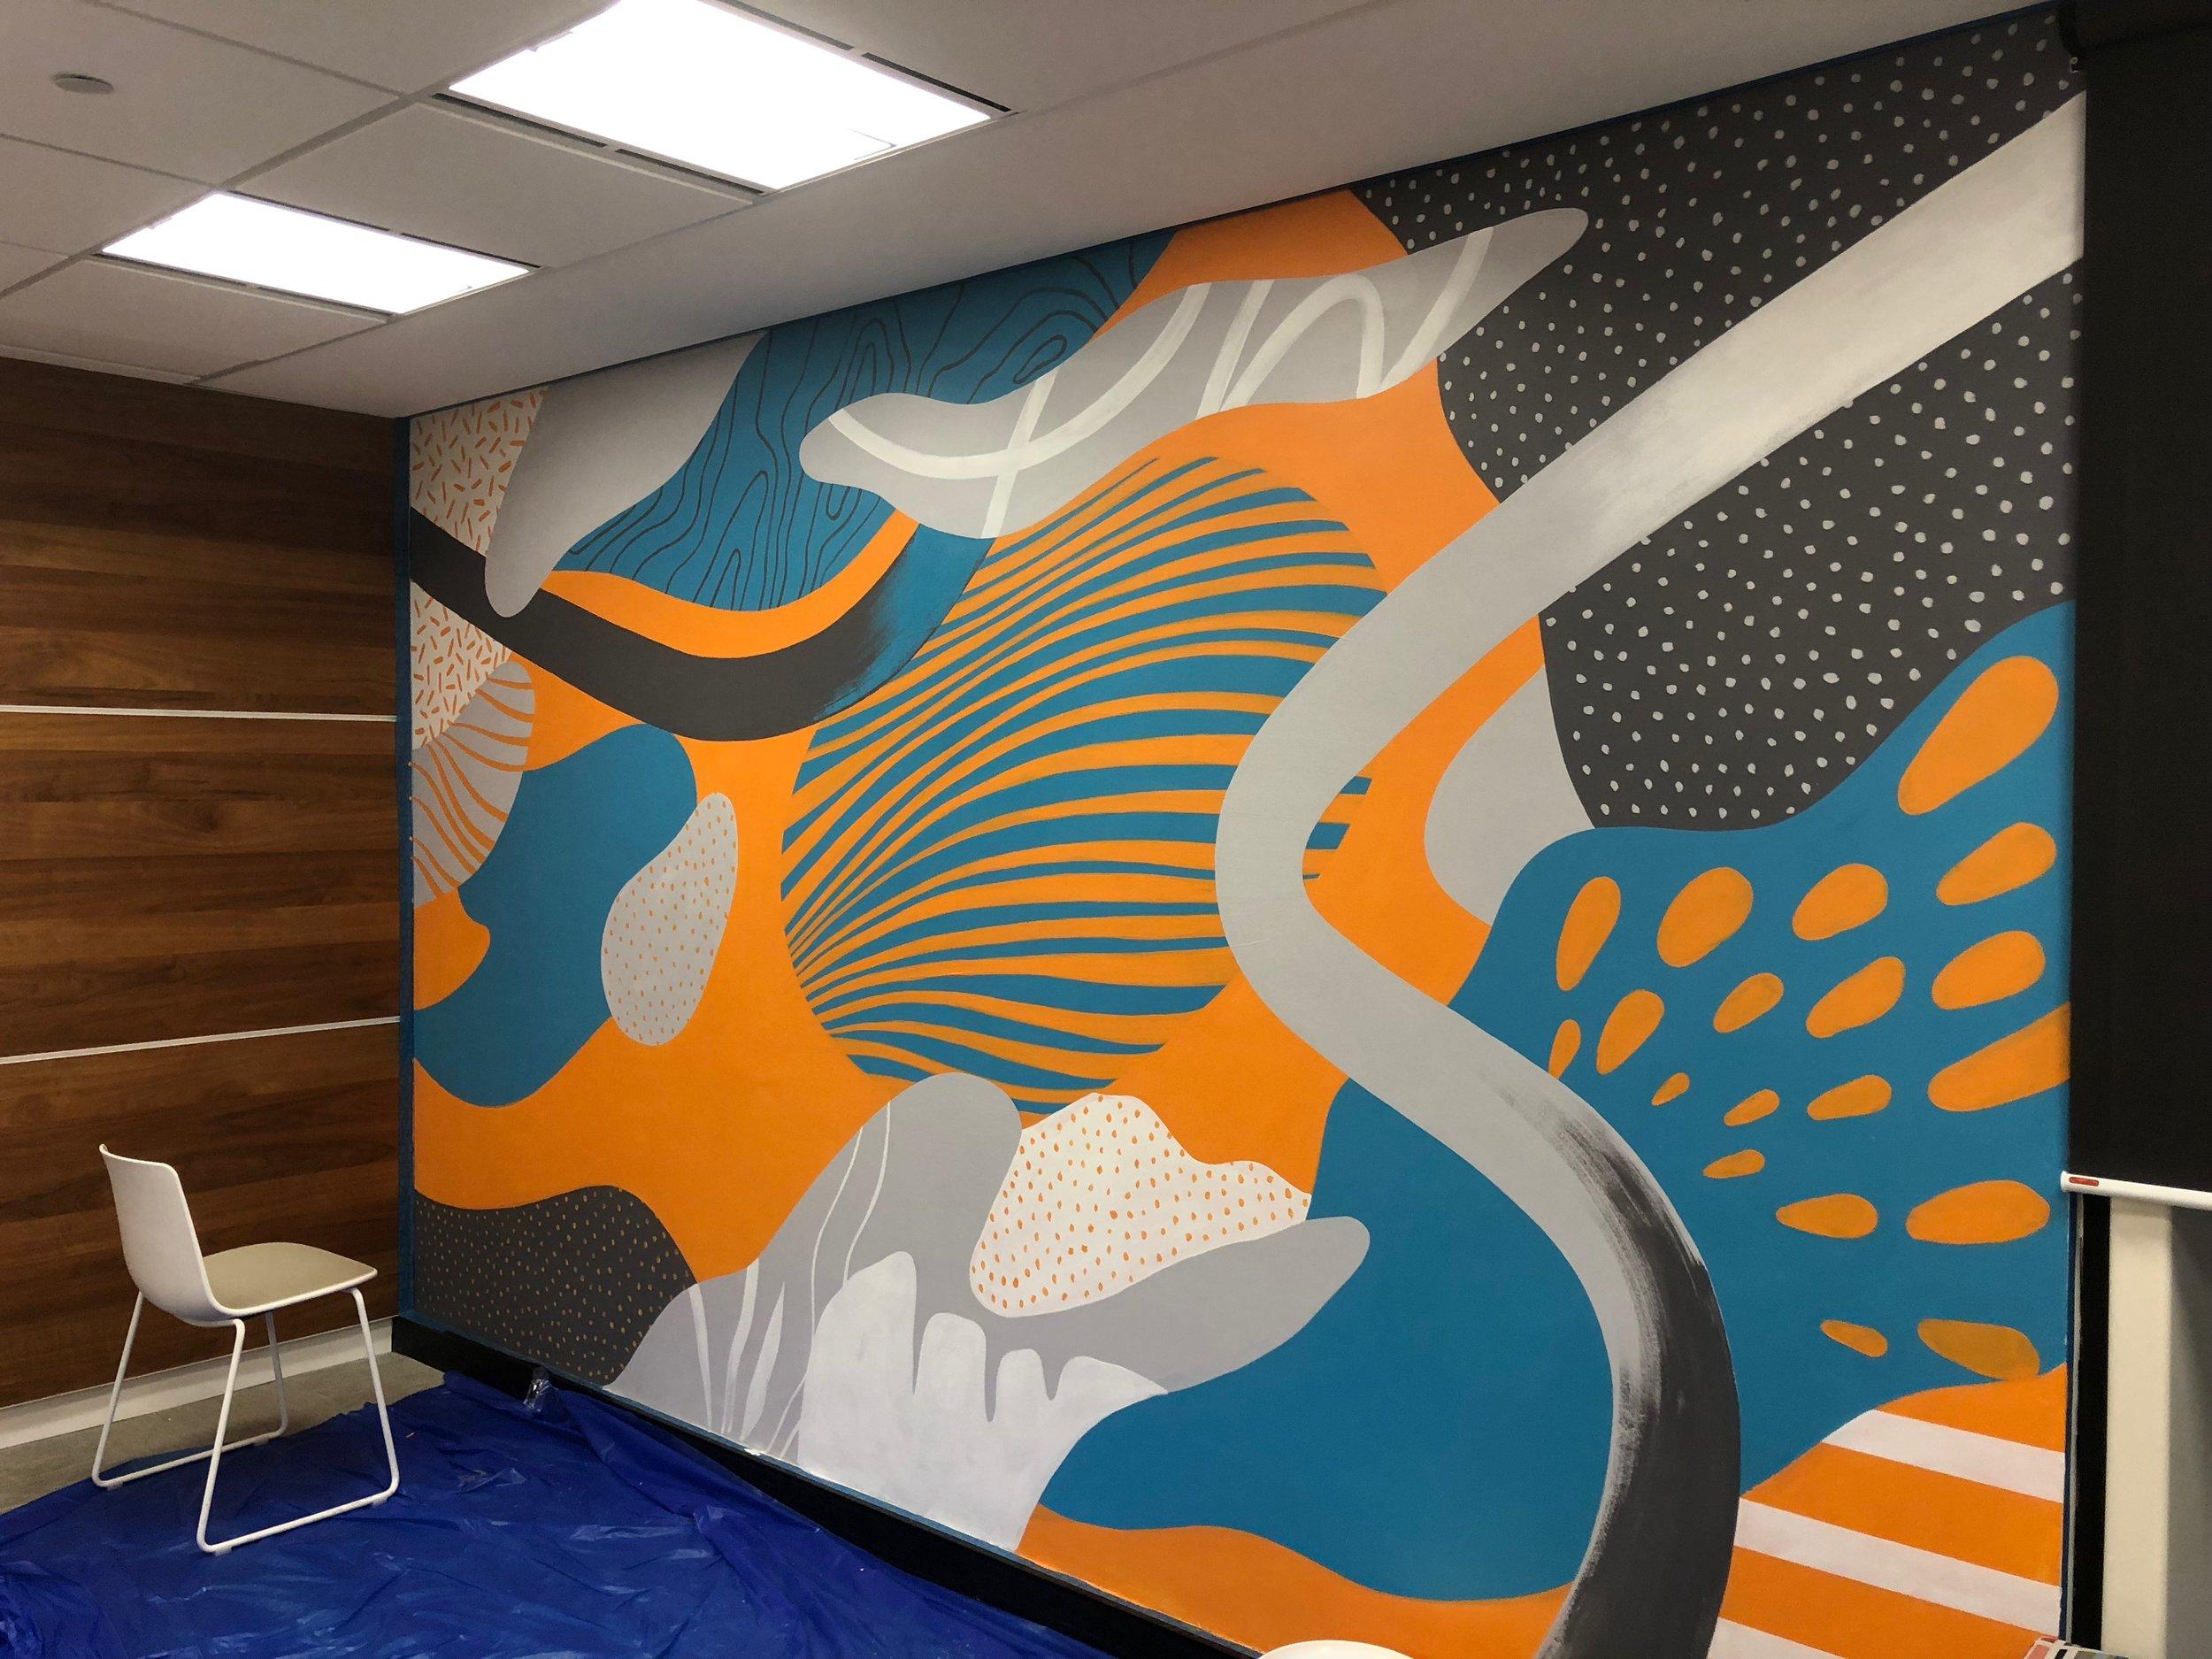 perth-mural.JPG